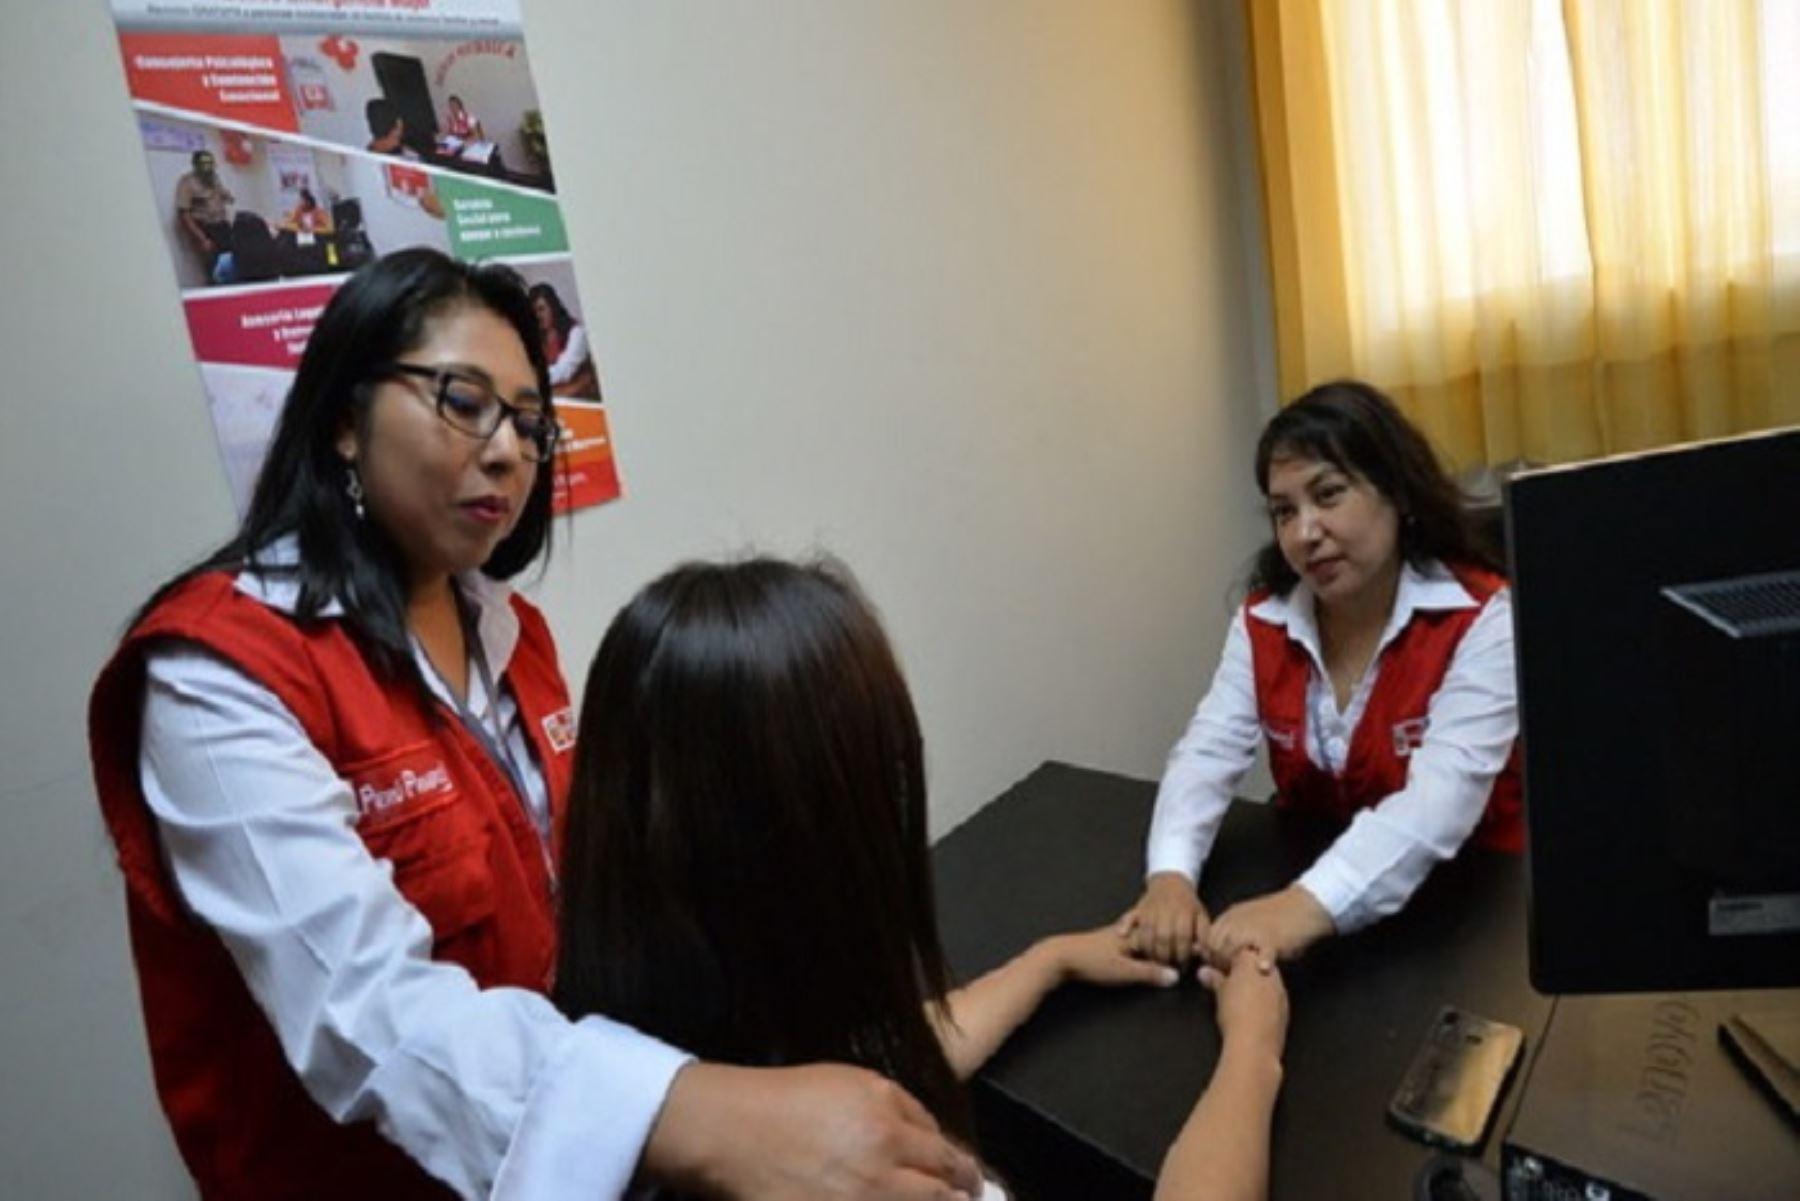 Ministerio de la Mujer inaugura servicio de atención a víctimas de la violencia de género en Puno. ANDINA/Difusión